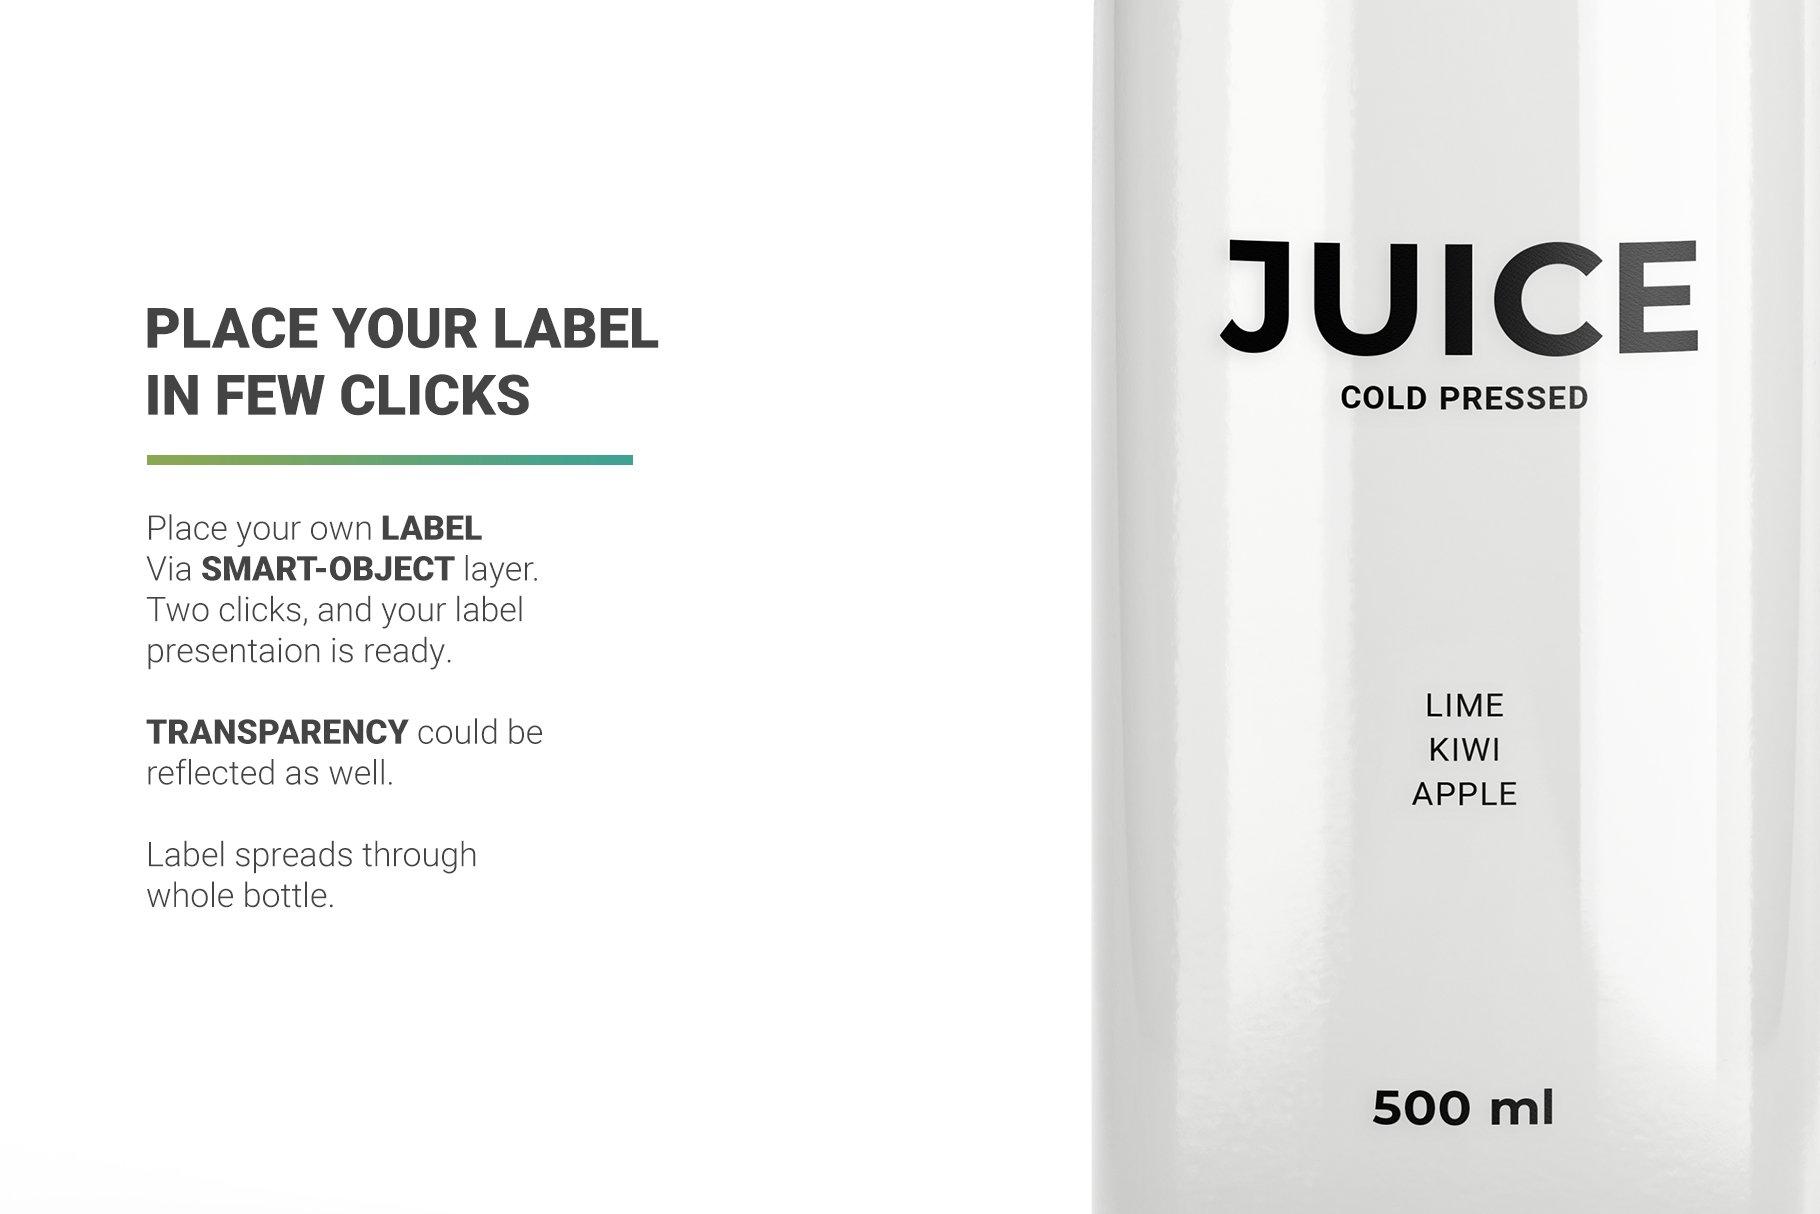 透明果汁玻璃瓶设计展示样机 Juice Bottle Mockup插图(6)